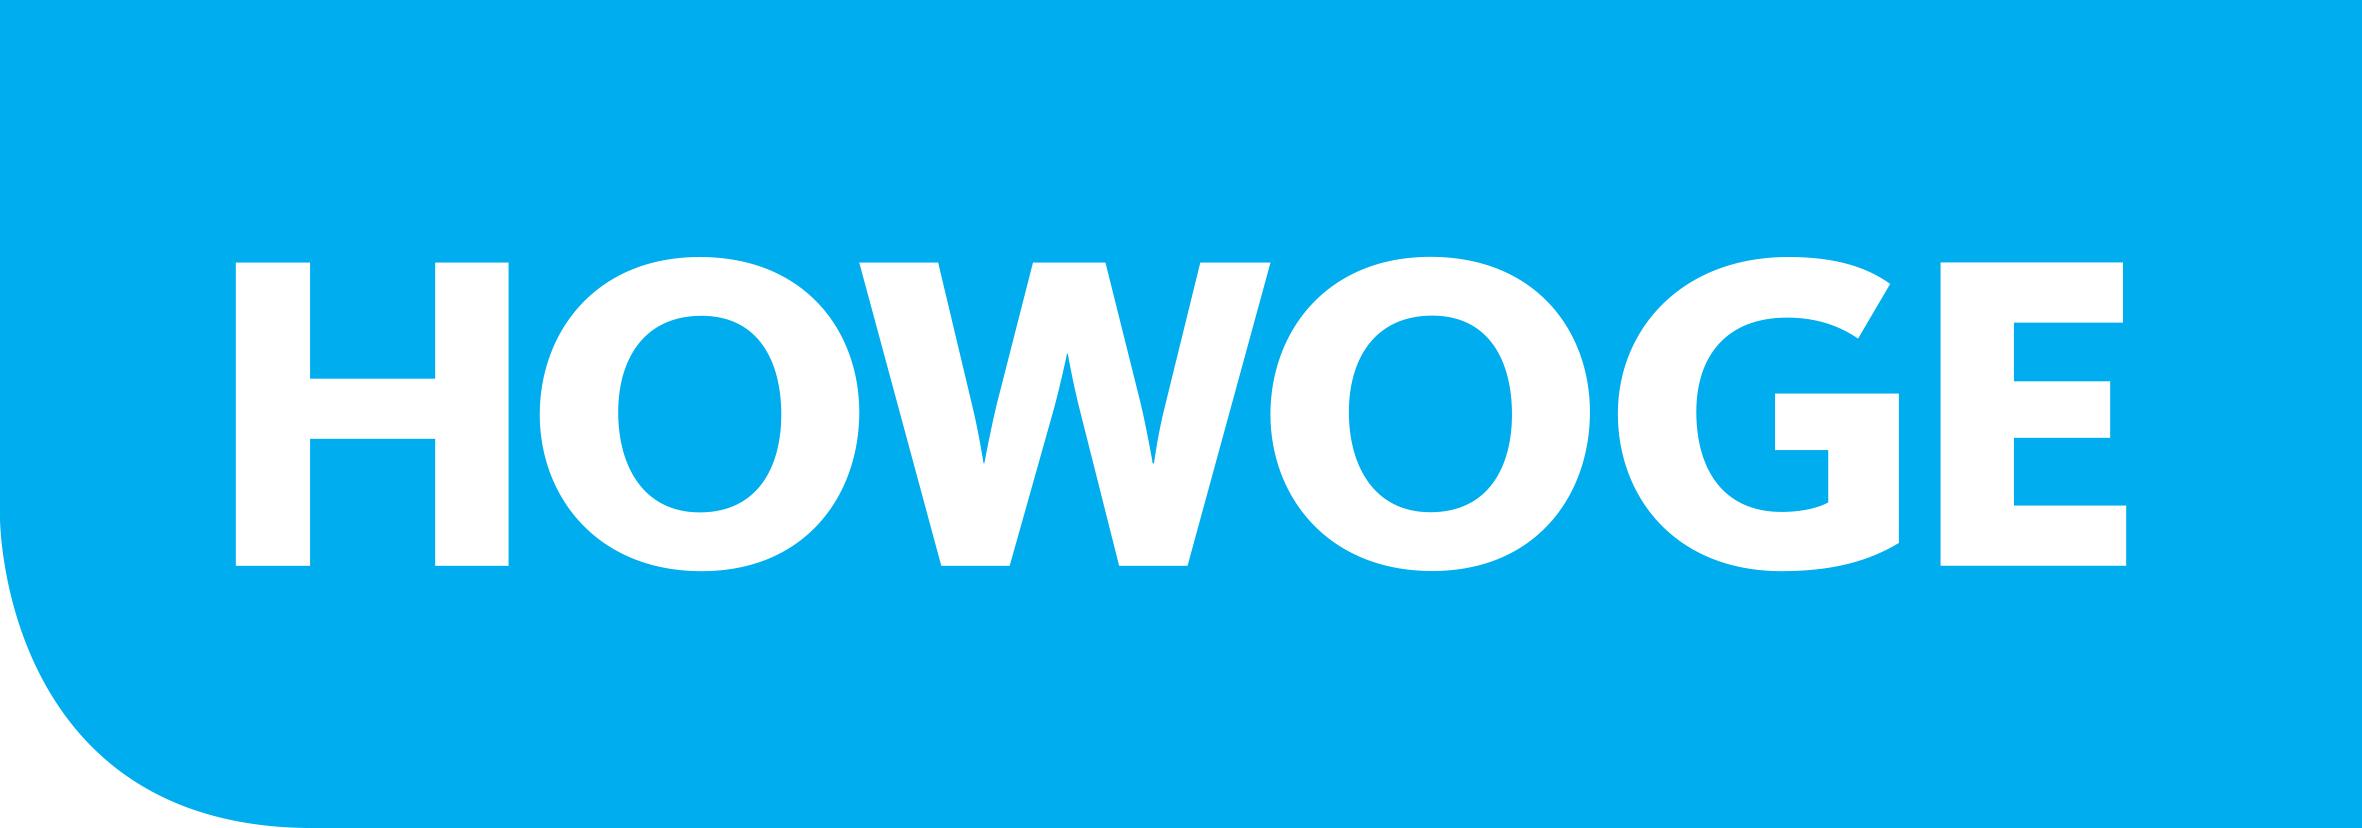 Als offizieller Servicepartner der HOWOGE erhalten HOWOGE Mieter beim Kauf 10% Sonderrabatt auf alle Küchenmöbel.